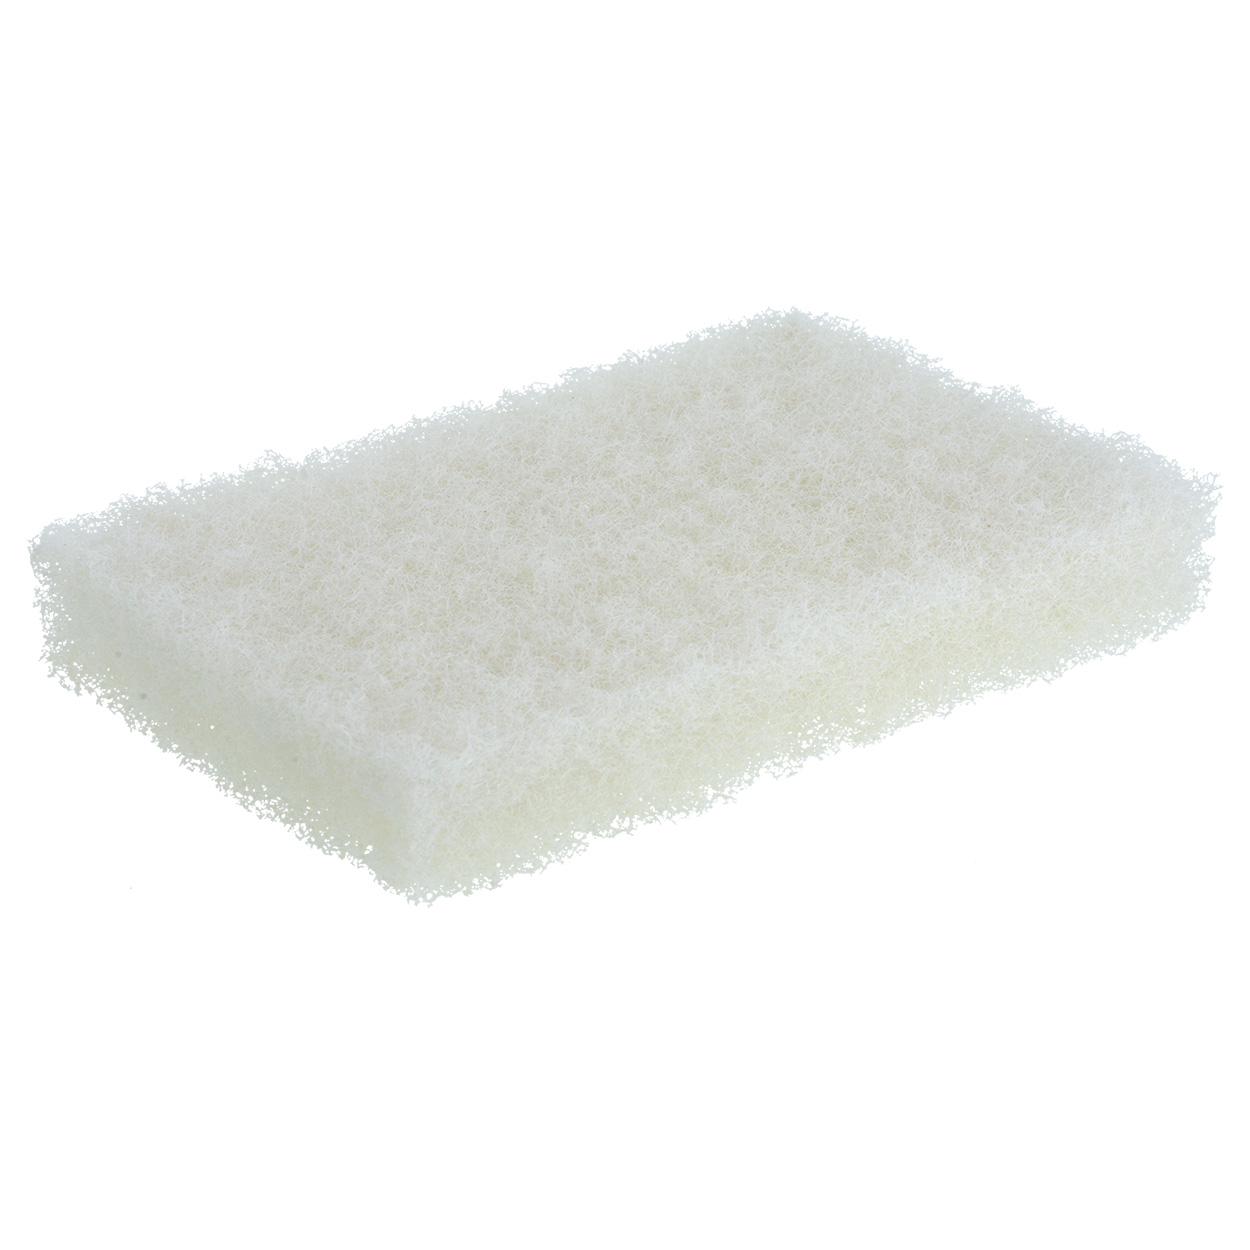 Lifegard Aquatics Algae Scrub Pad - For Acrylic 21339